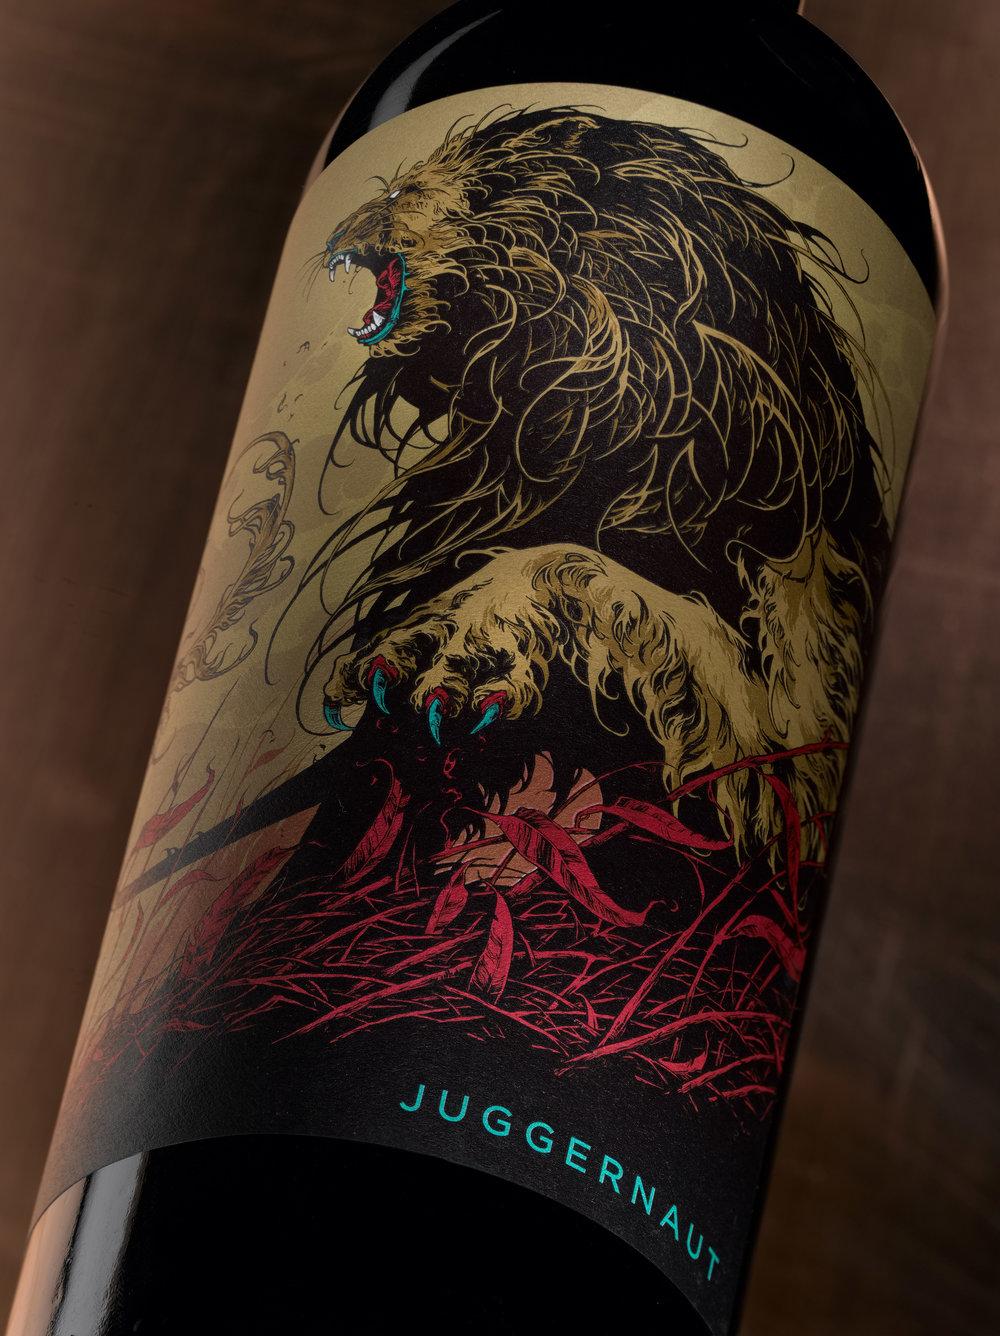 JuggernautUp Smaller.jpg